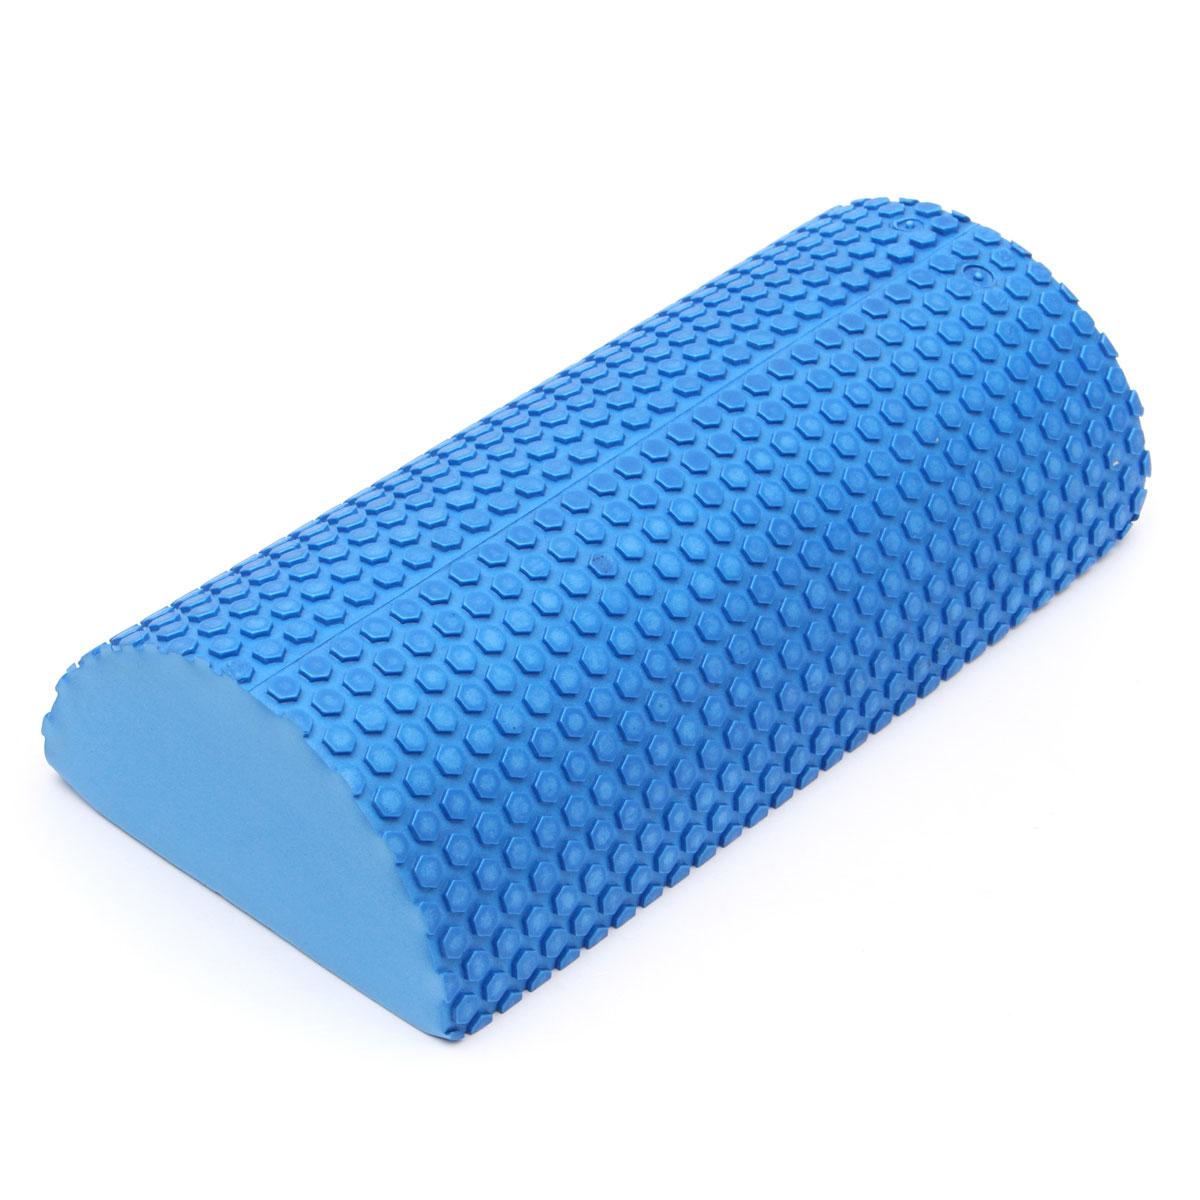 Achetez en Gros gym blocs de mousse en Ligne à des